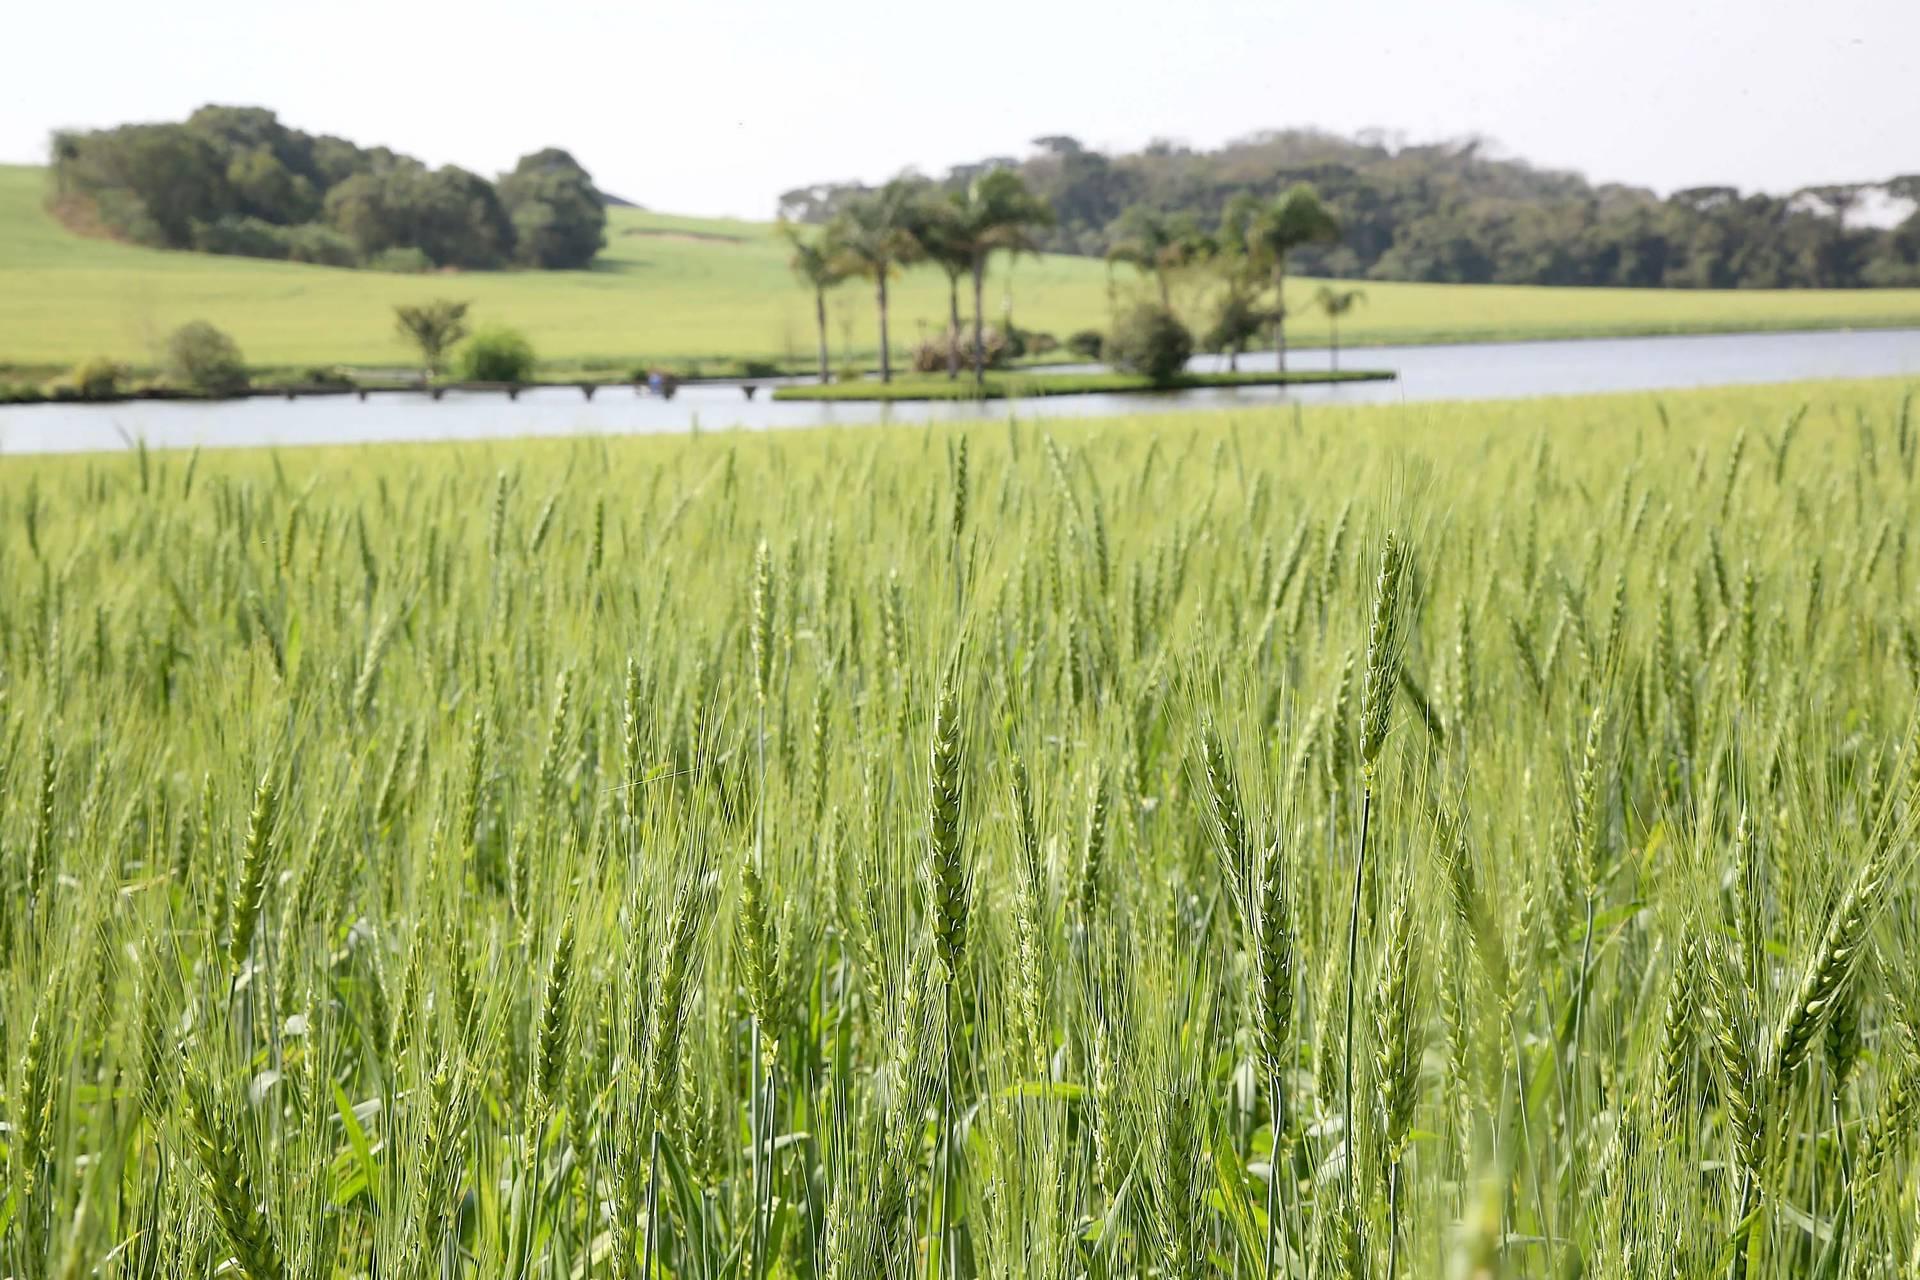 Agricultura reforça importância do seguro rural para o produtor